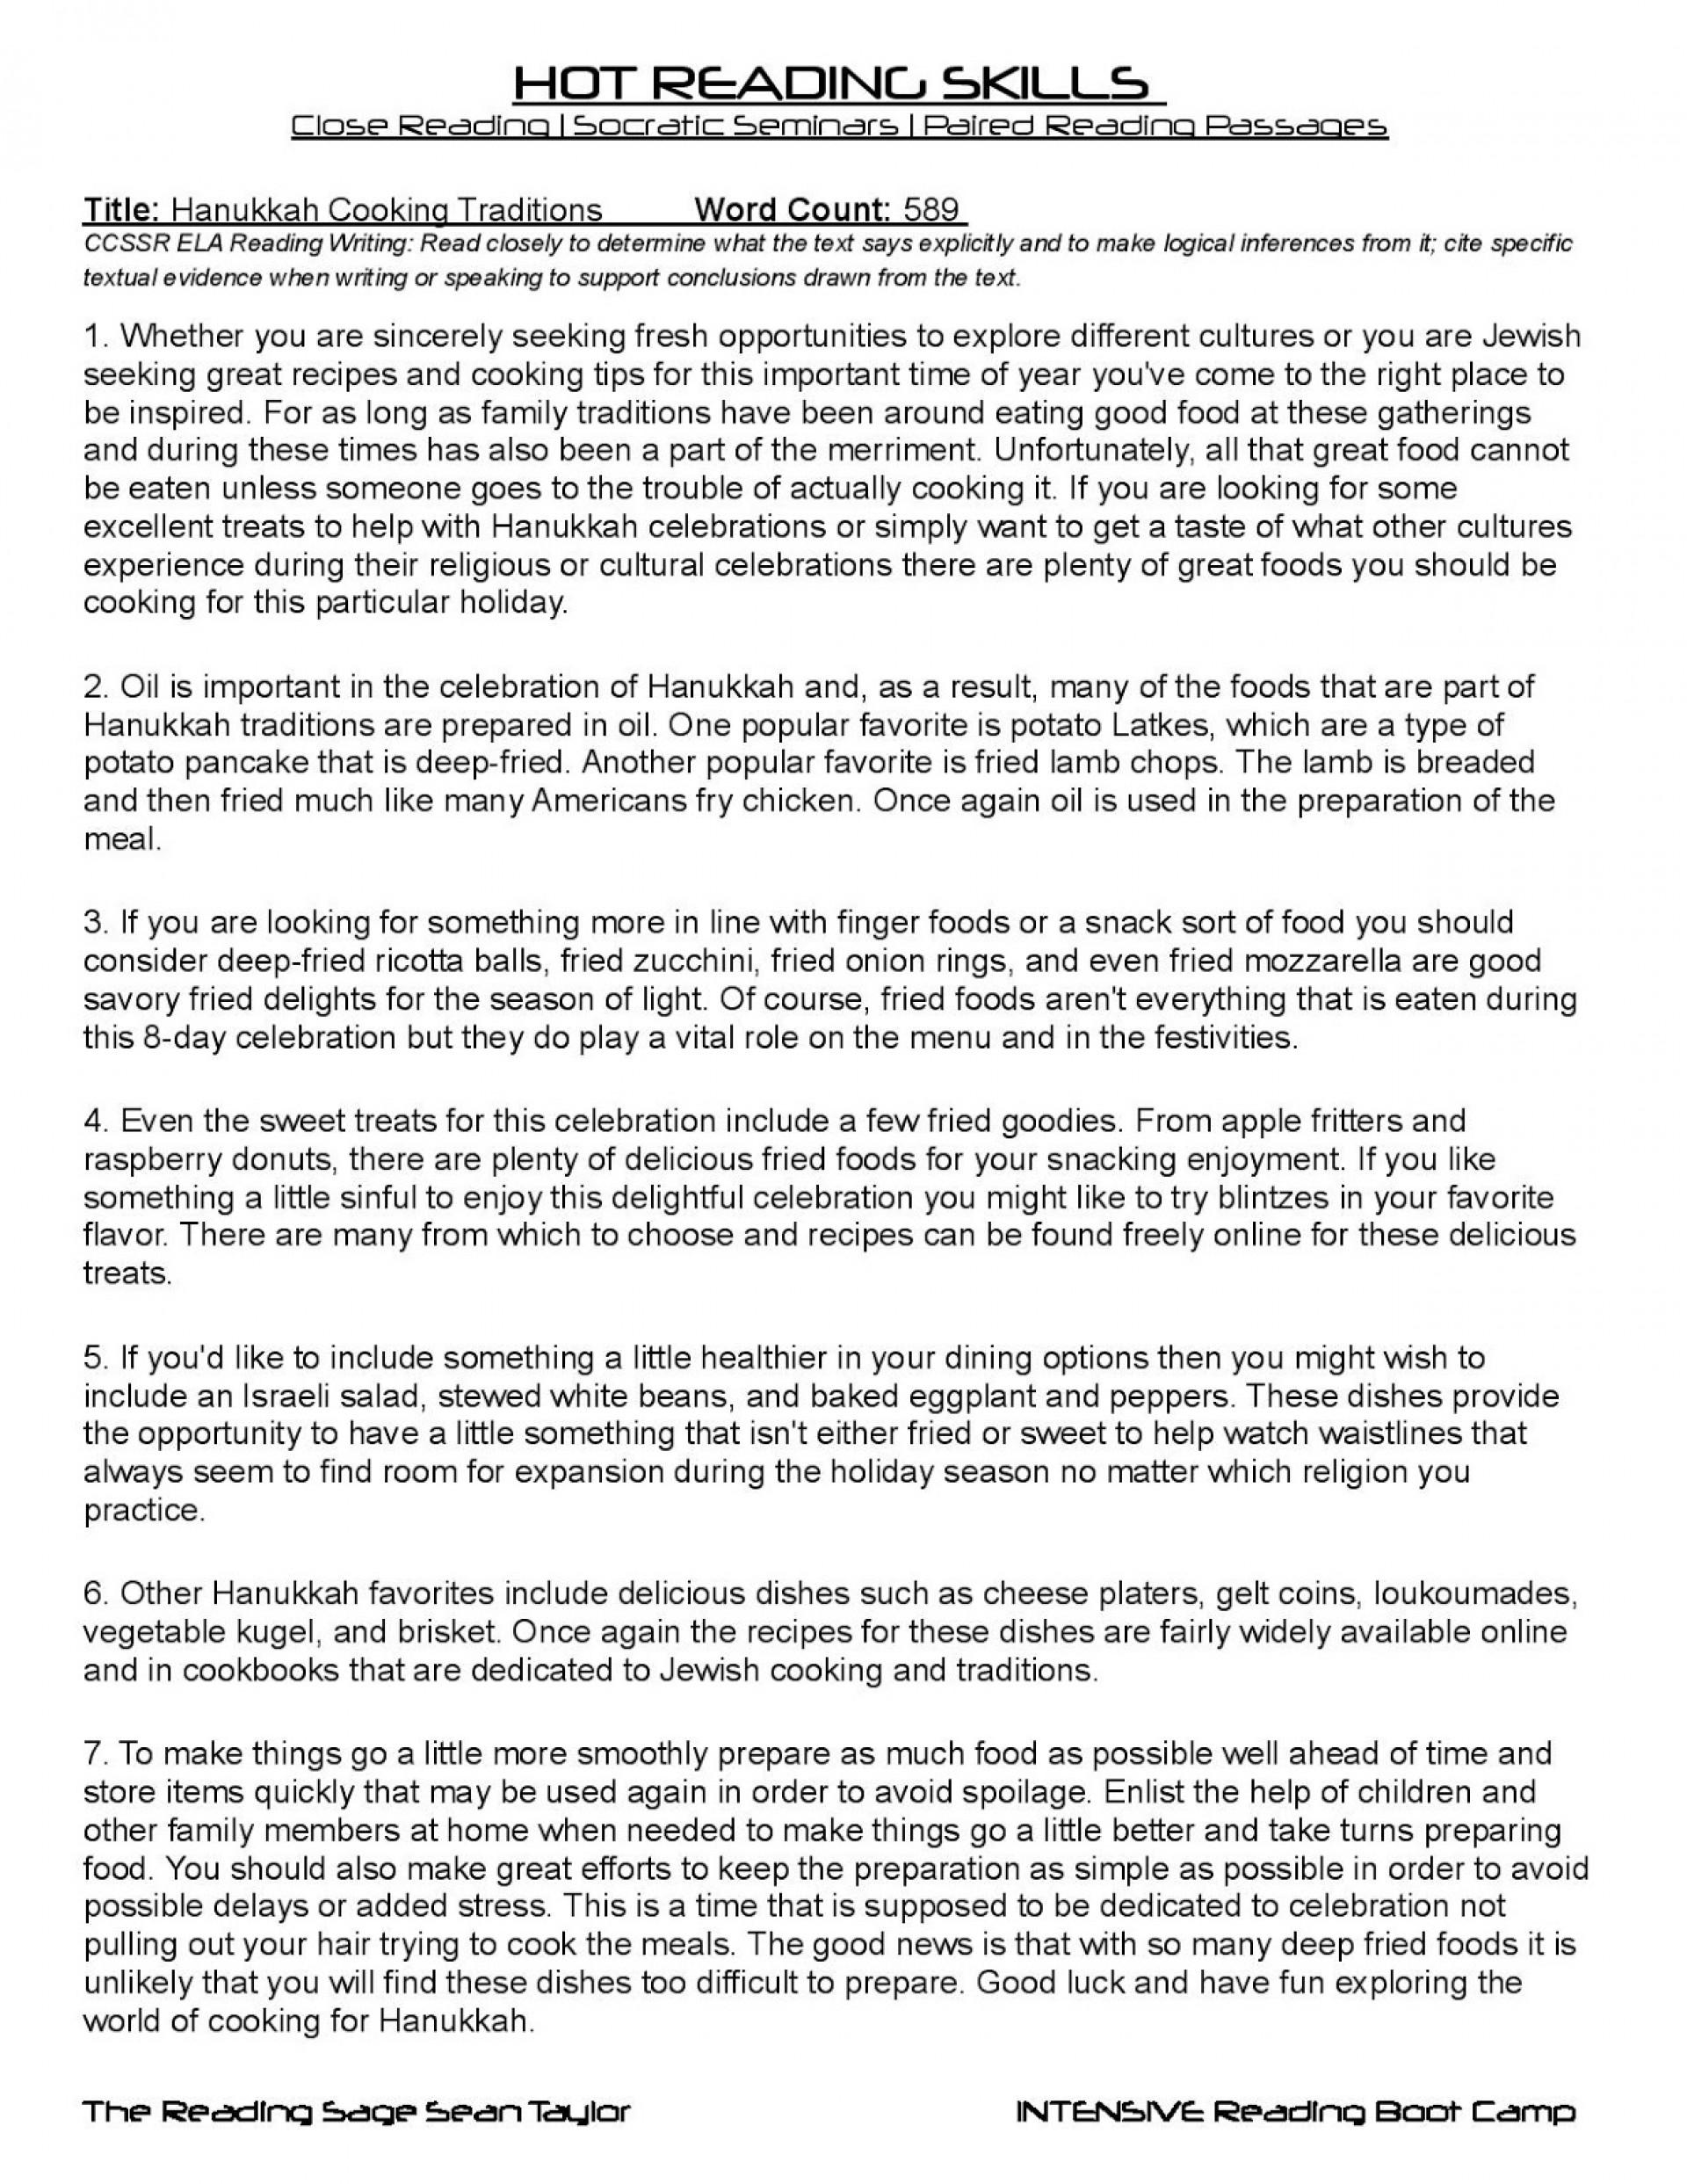 018 3762721436 Common Core College Essay Prompts Example Rare Argumentative Topics For 7th Graders High School Pdf 1920